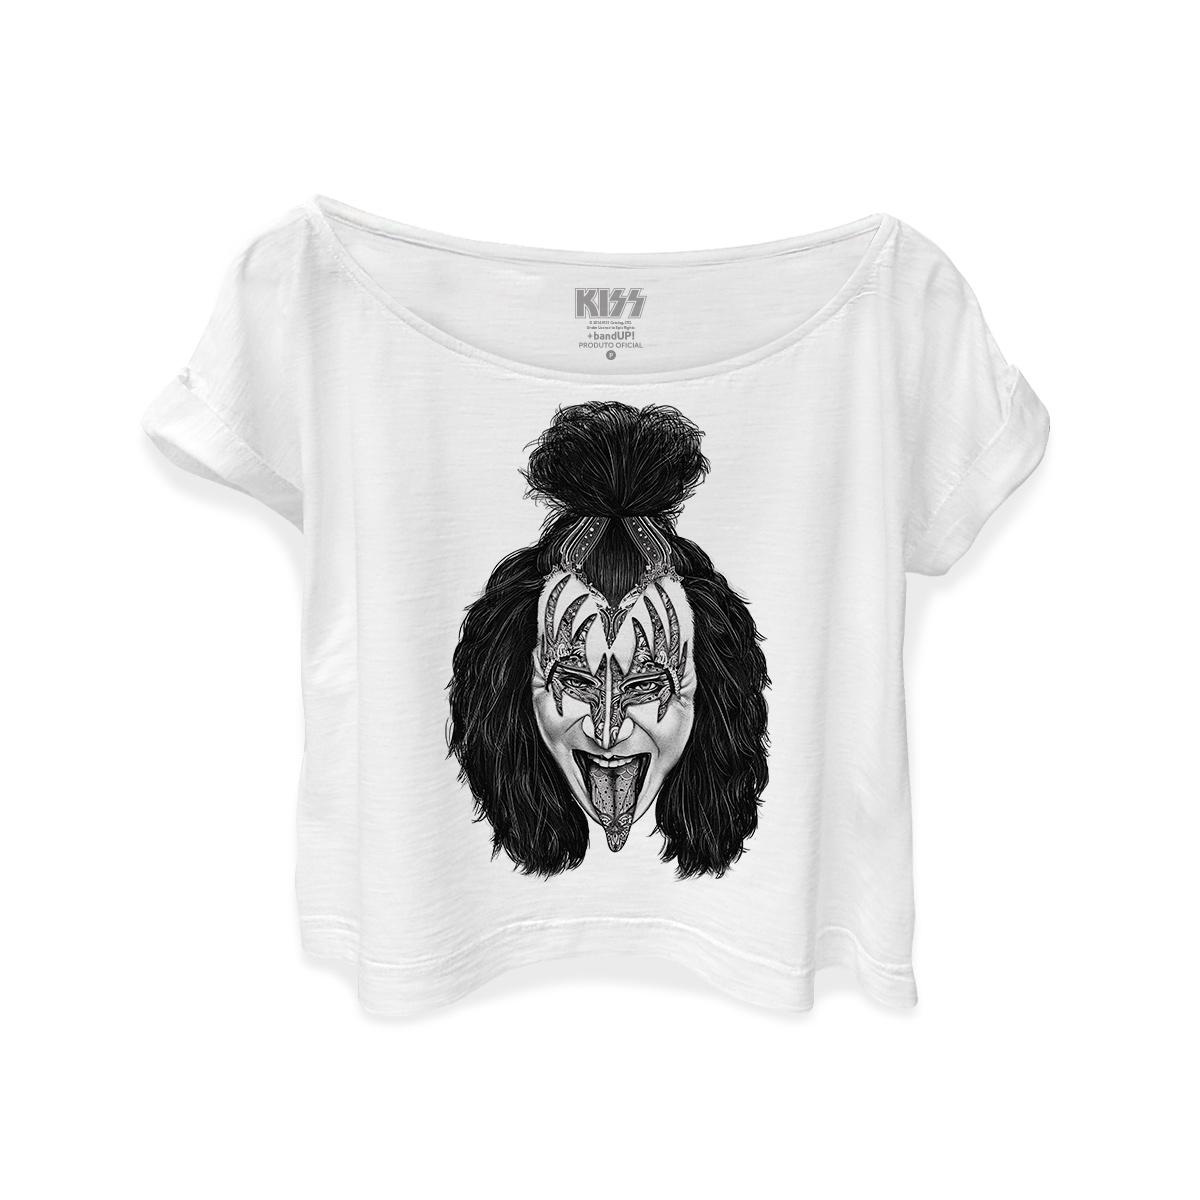 T-shirt Premium Feminina Kiss Gene Simmons Art Style